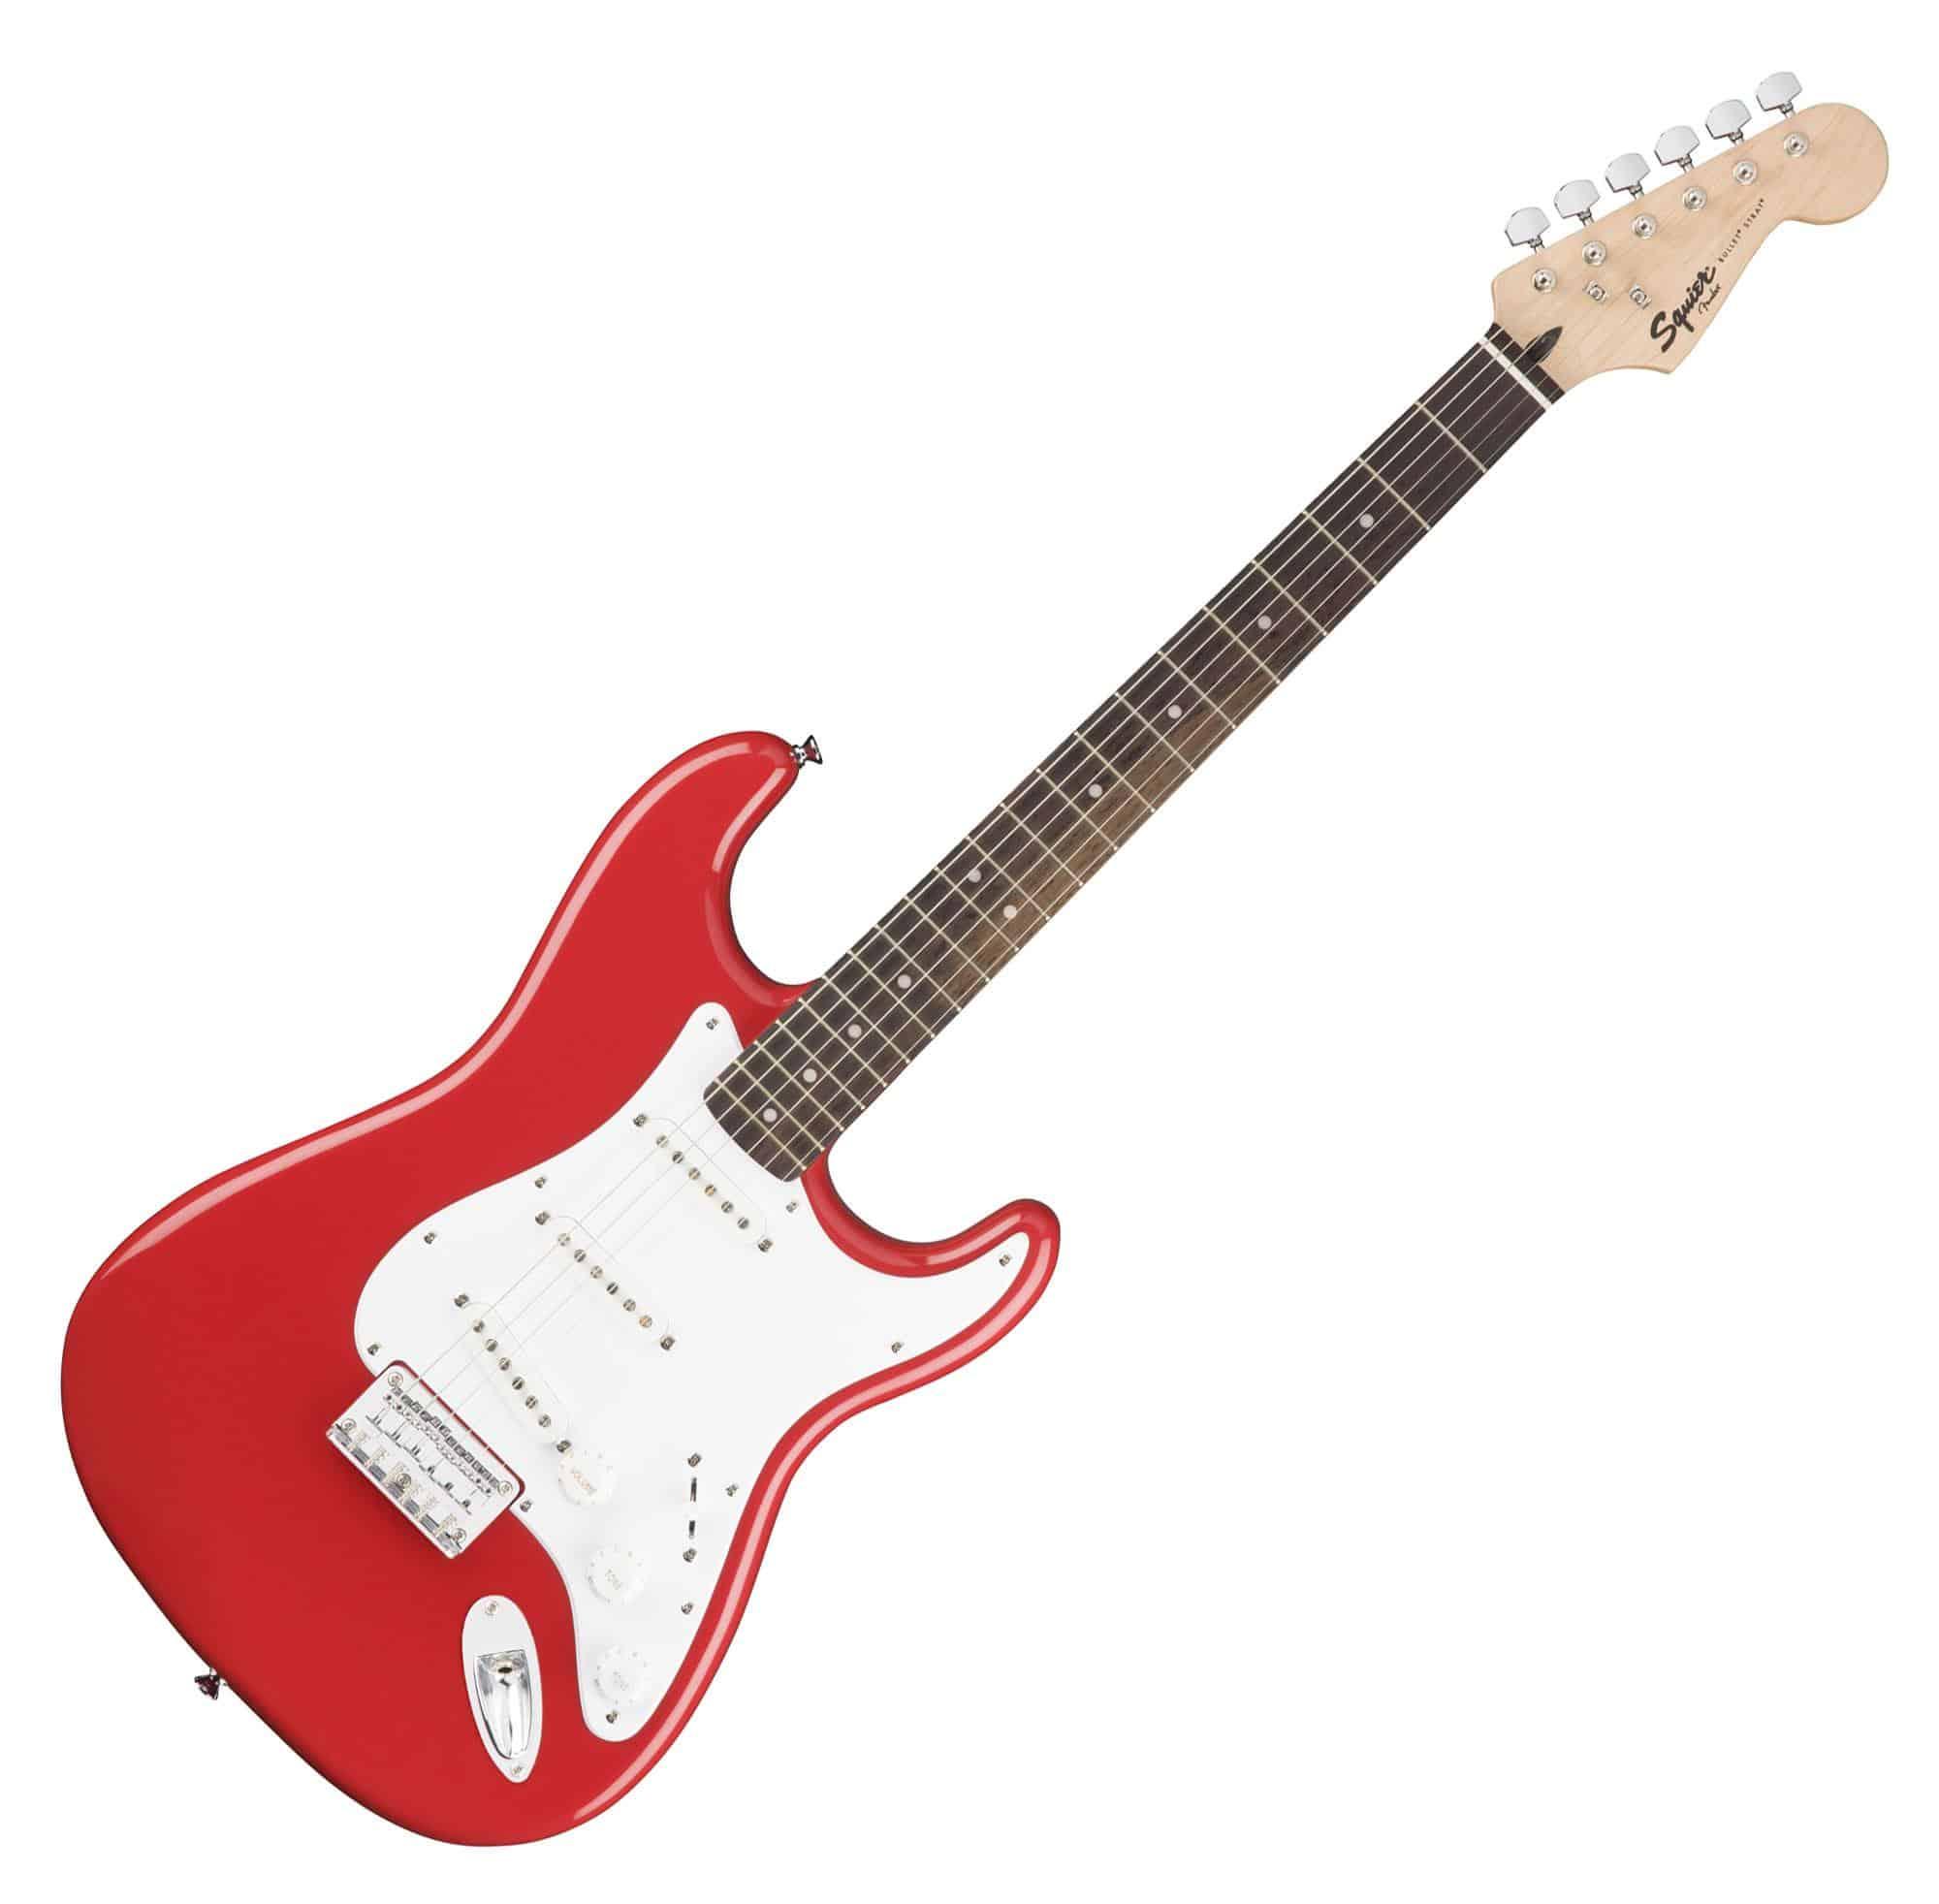 Erfreut Fender Squier Stratocaster Schaltplan Zeitgenössisch - Der ...